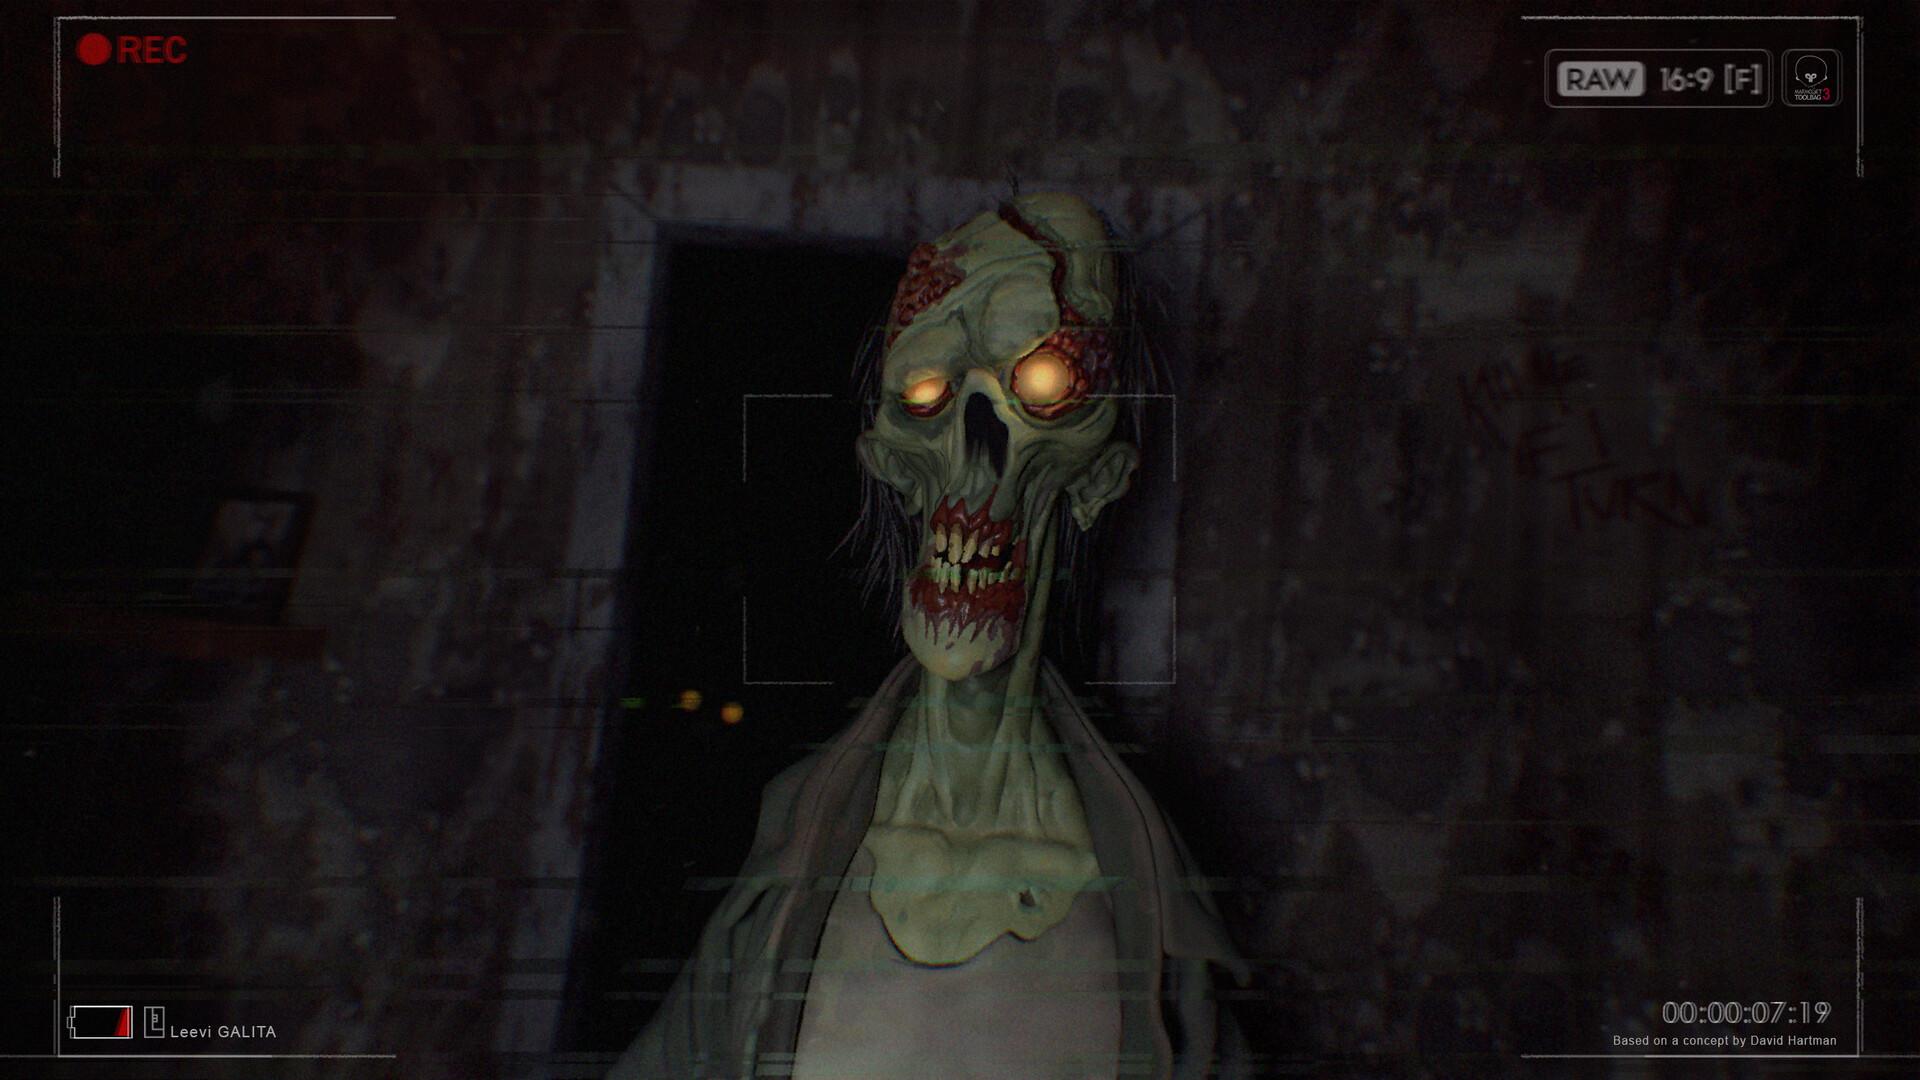 Leevi galita zombiebeautyshot